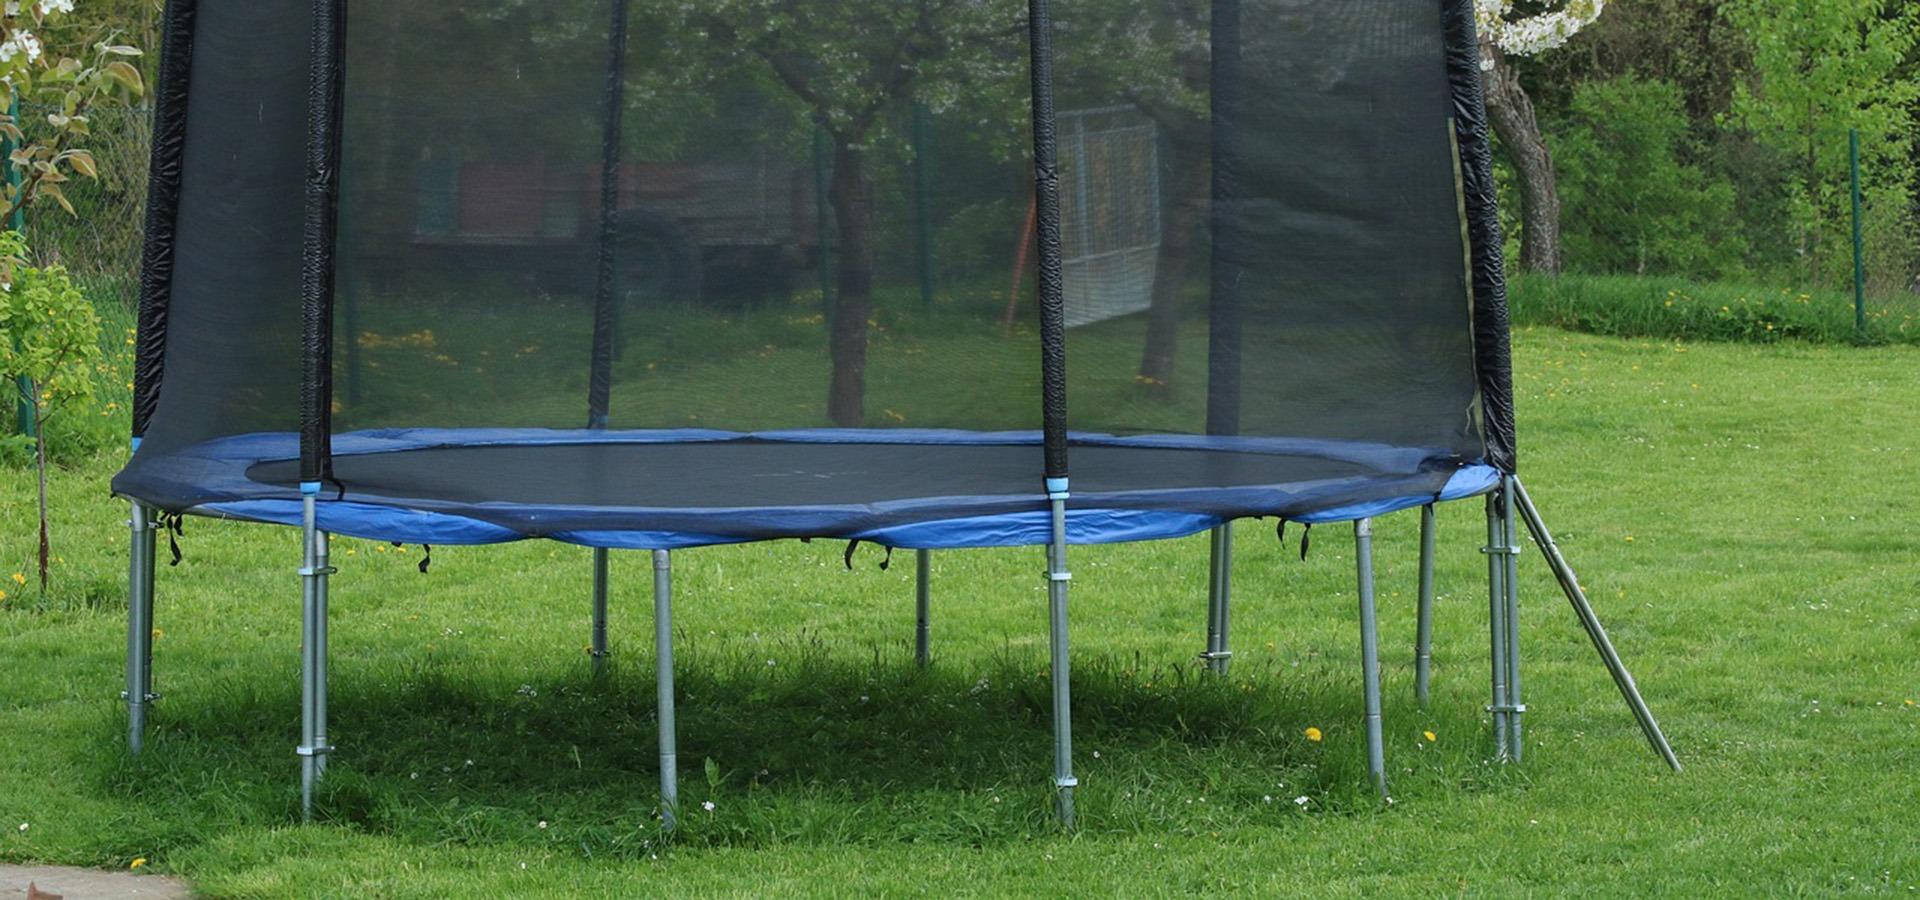 Samling og opsætning af trampolin